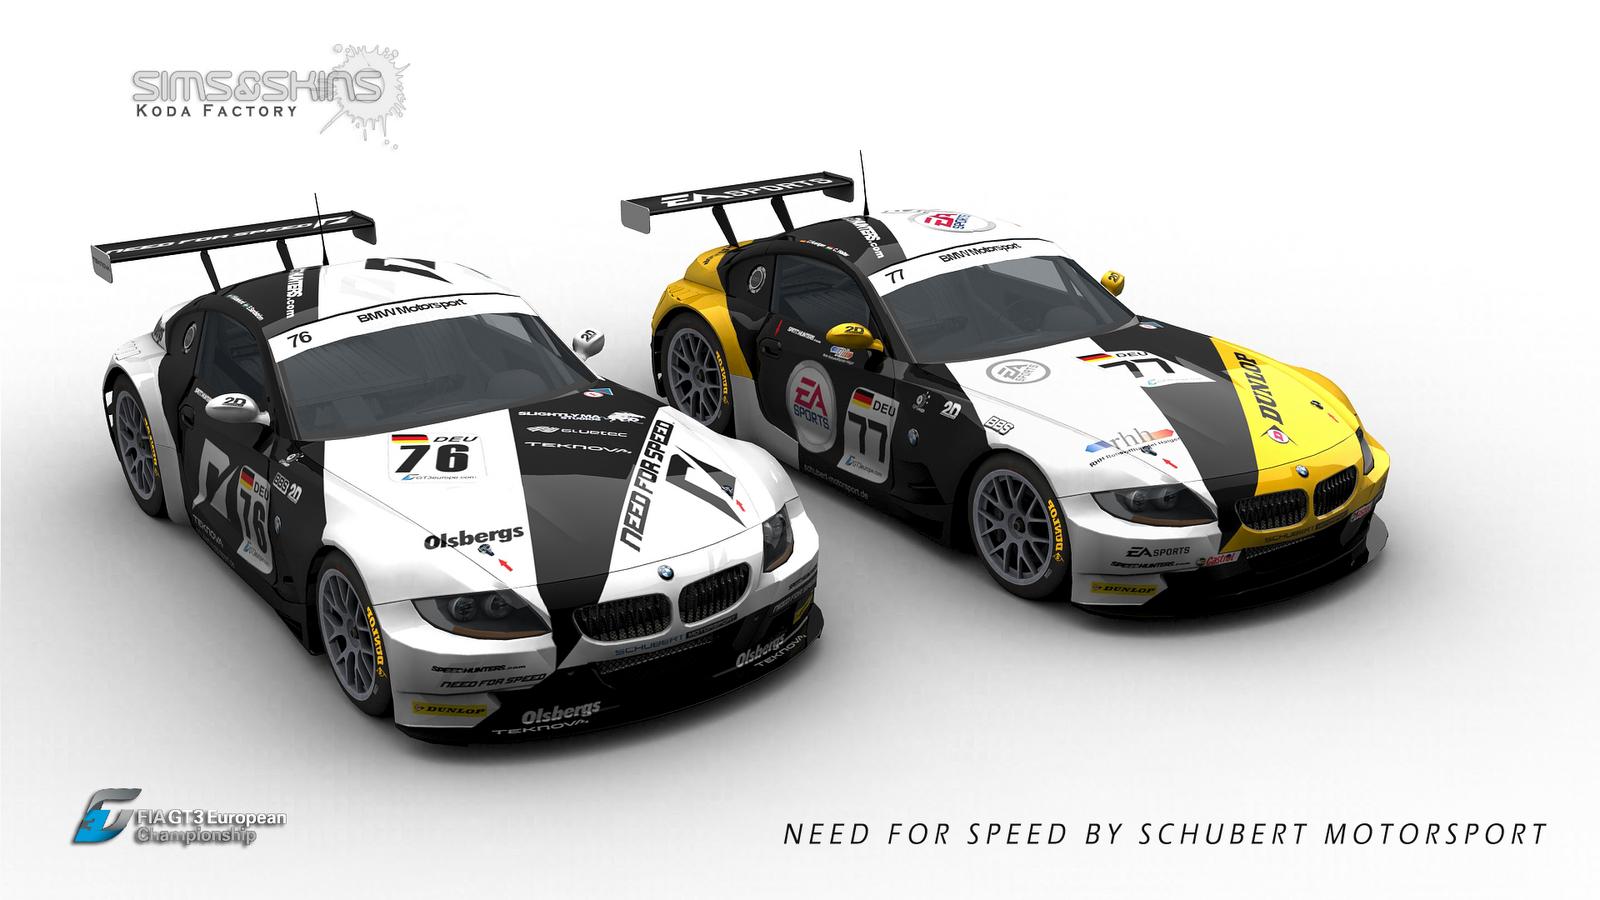 Koda Factory Schubert Motorsport Bmw Z4 Rfactor